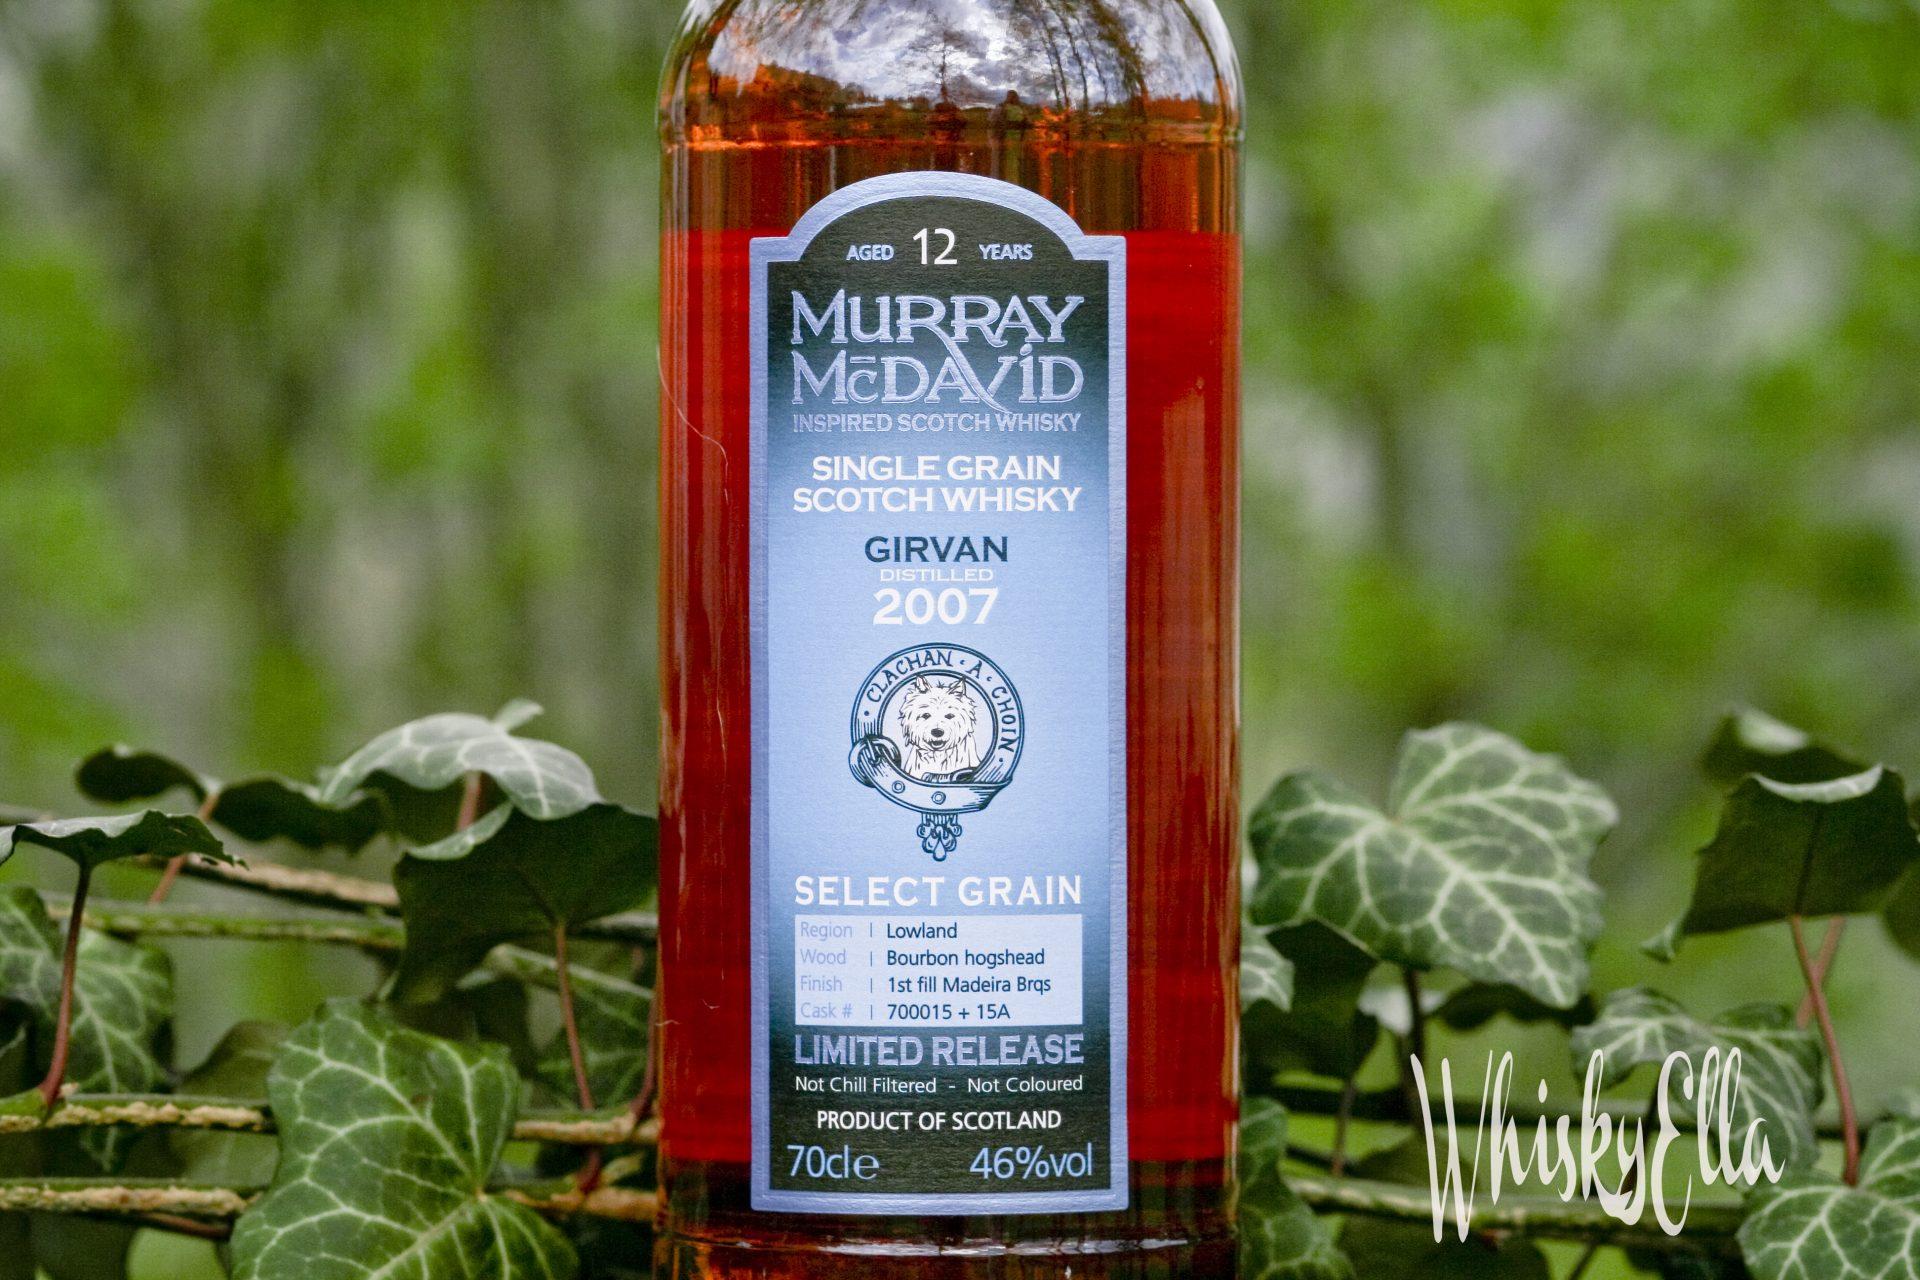 Nasza recenzja Girvan 2007 12 yo Murray McDavid #92